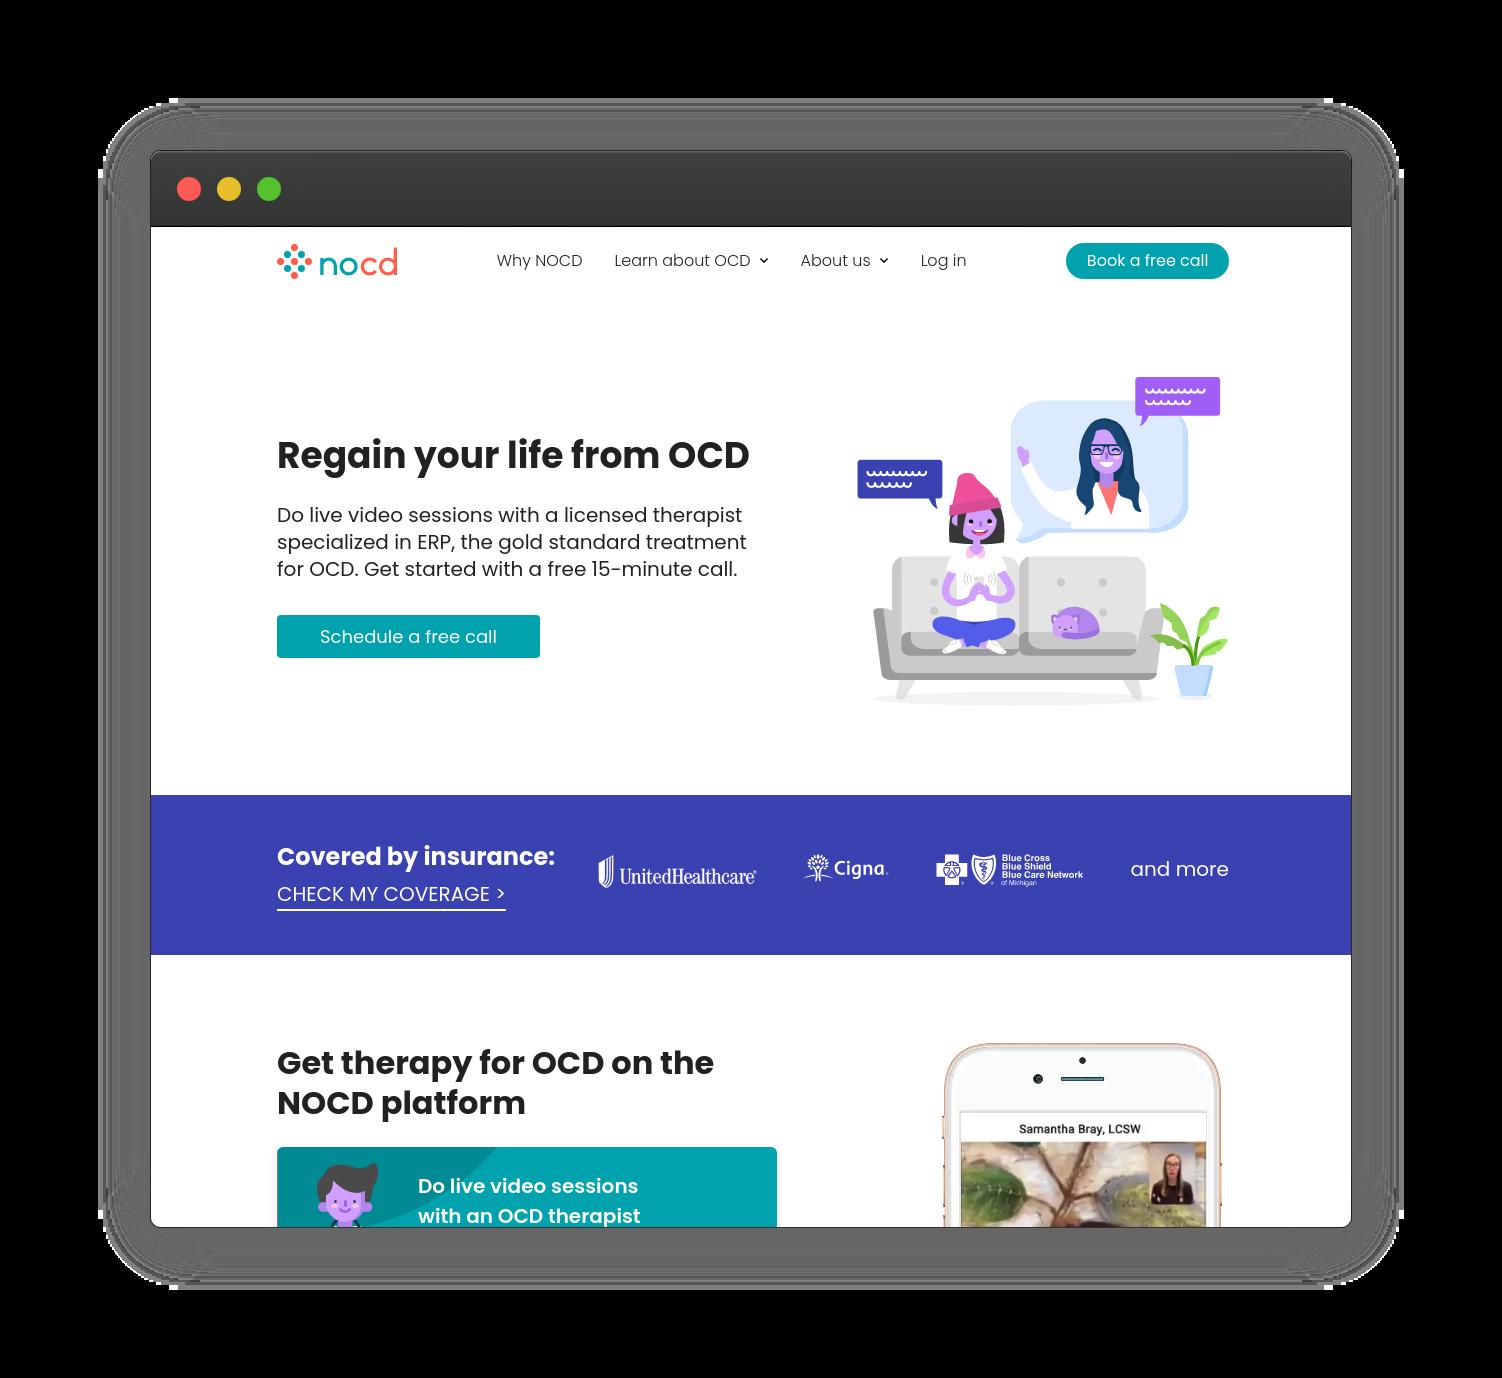 nocd- mpiricsoftware.com